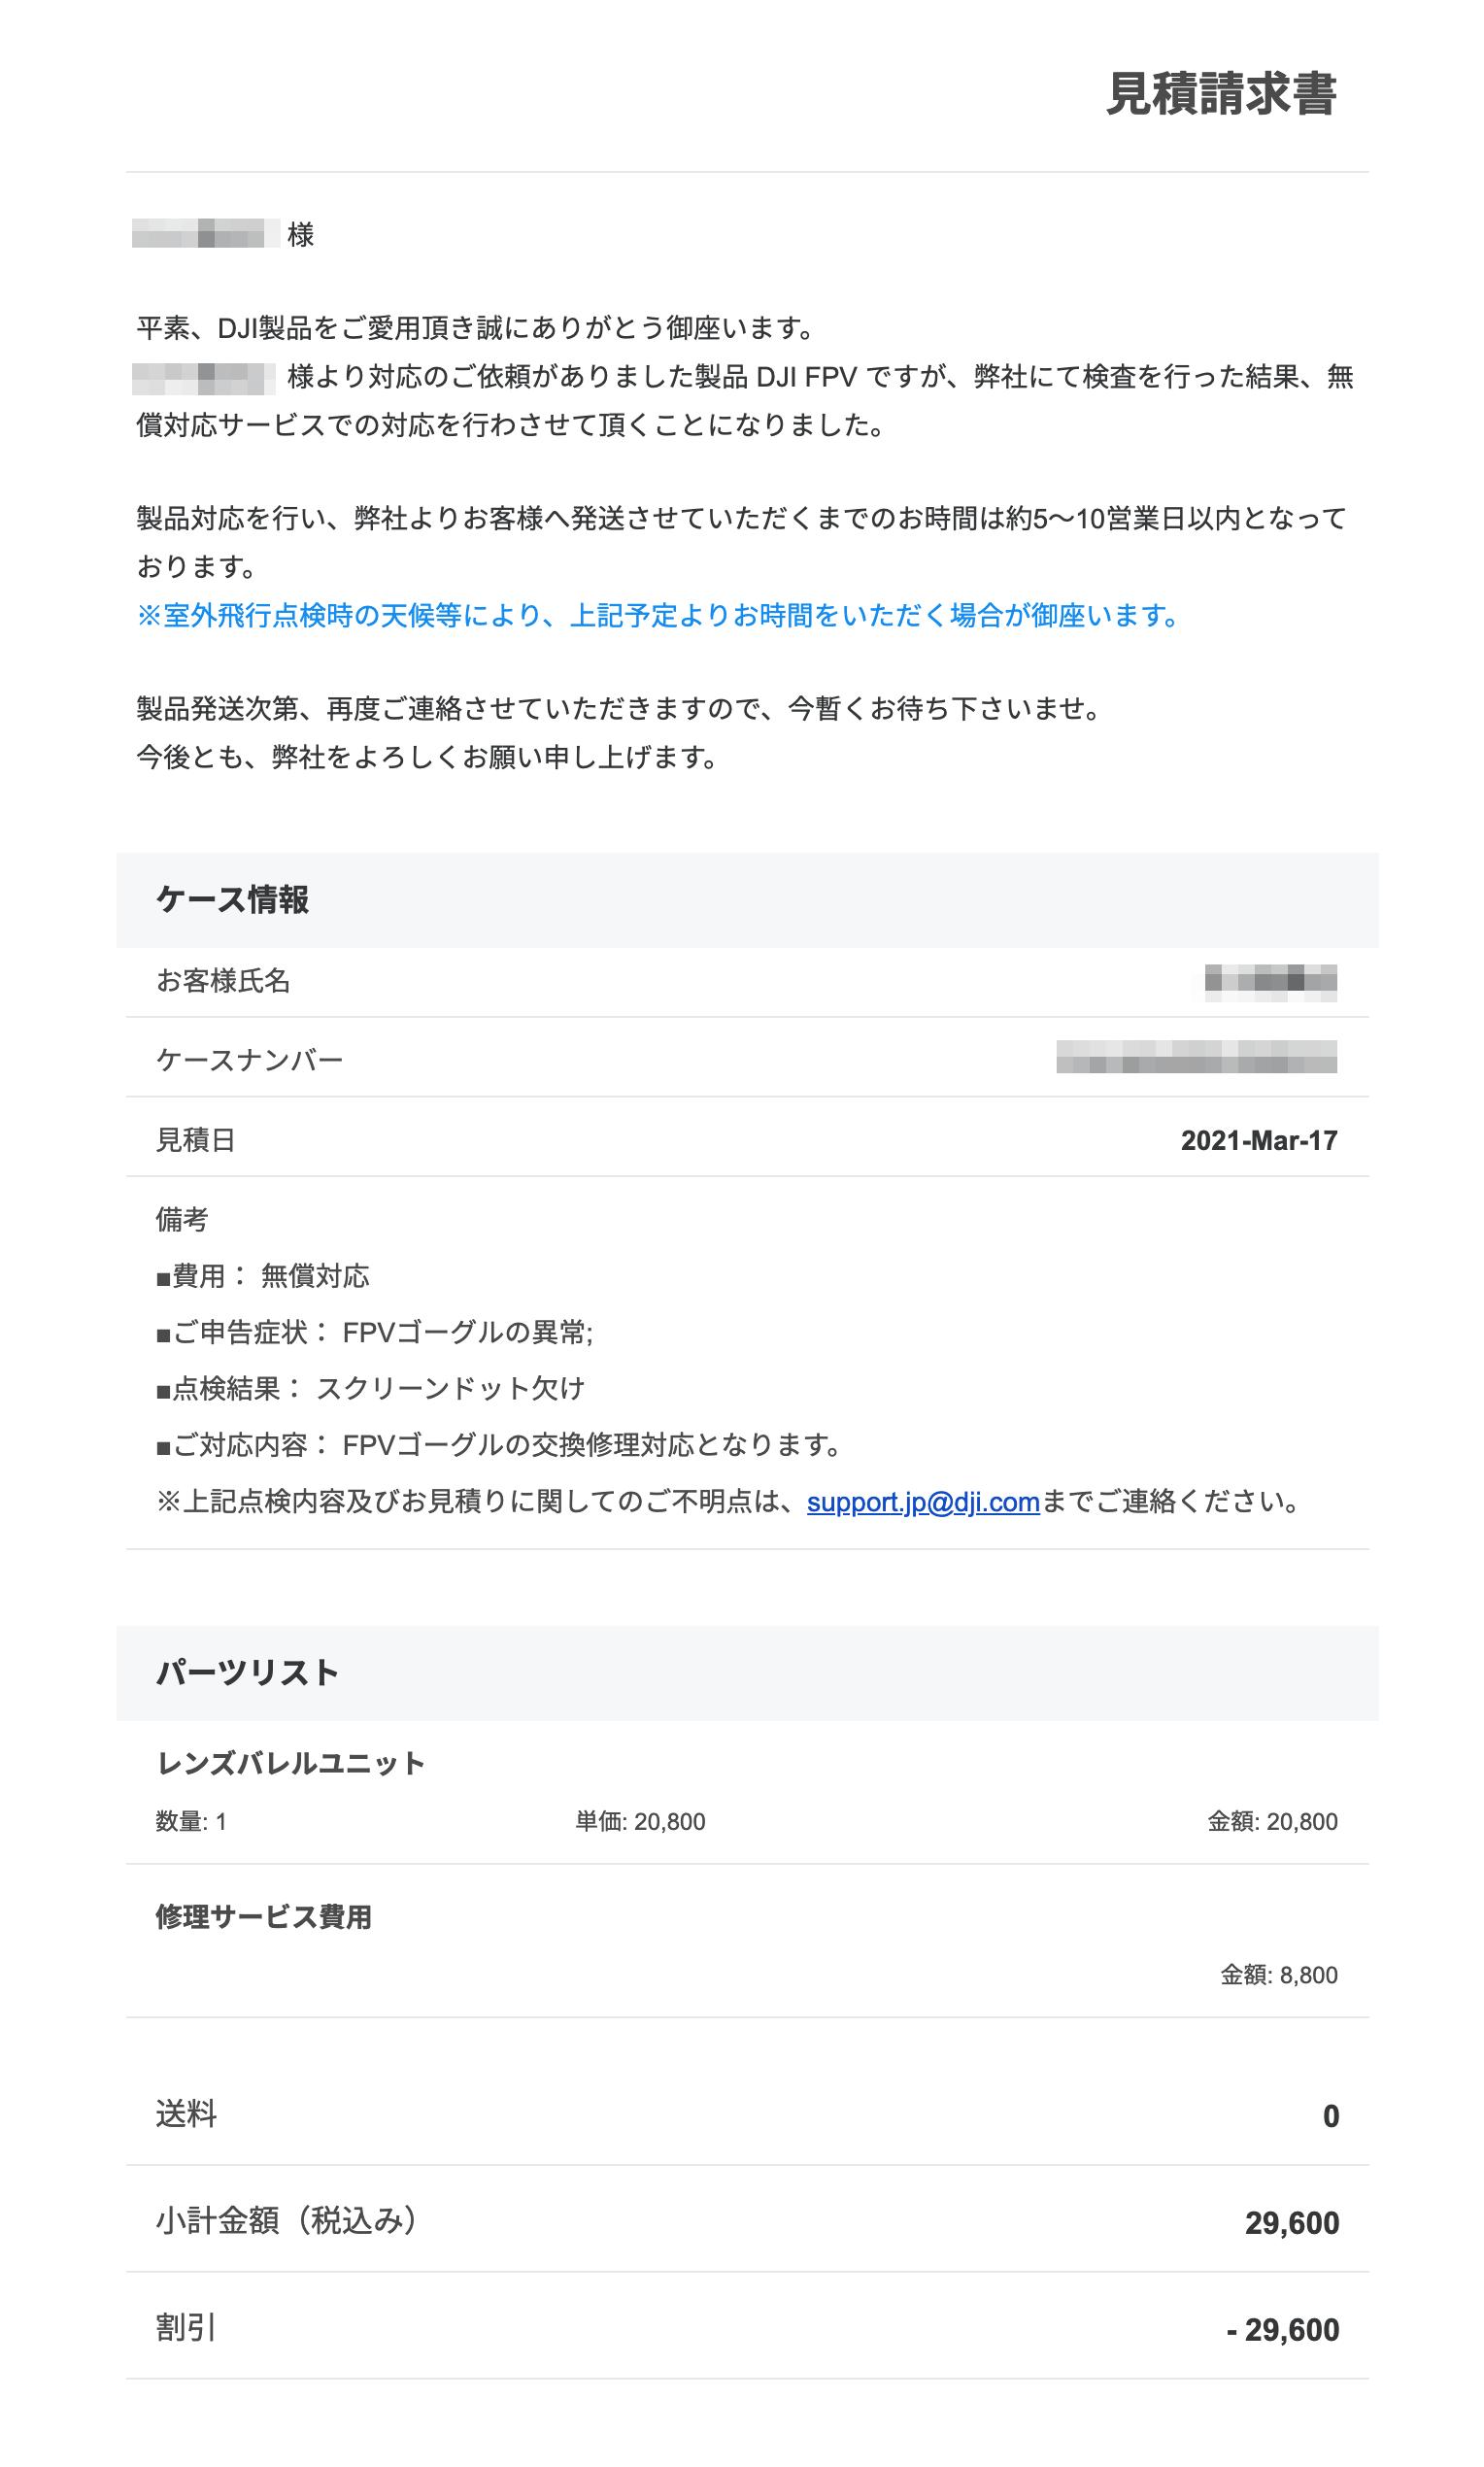 DJI製品 修理手順 解説